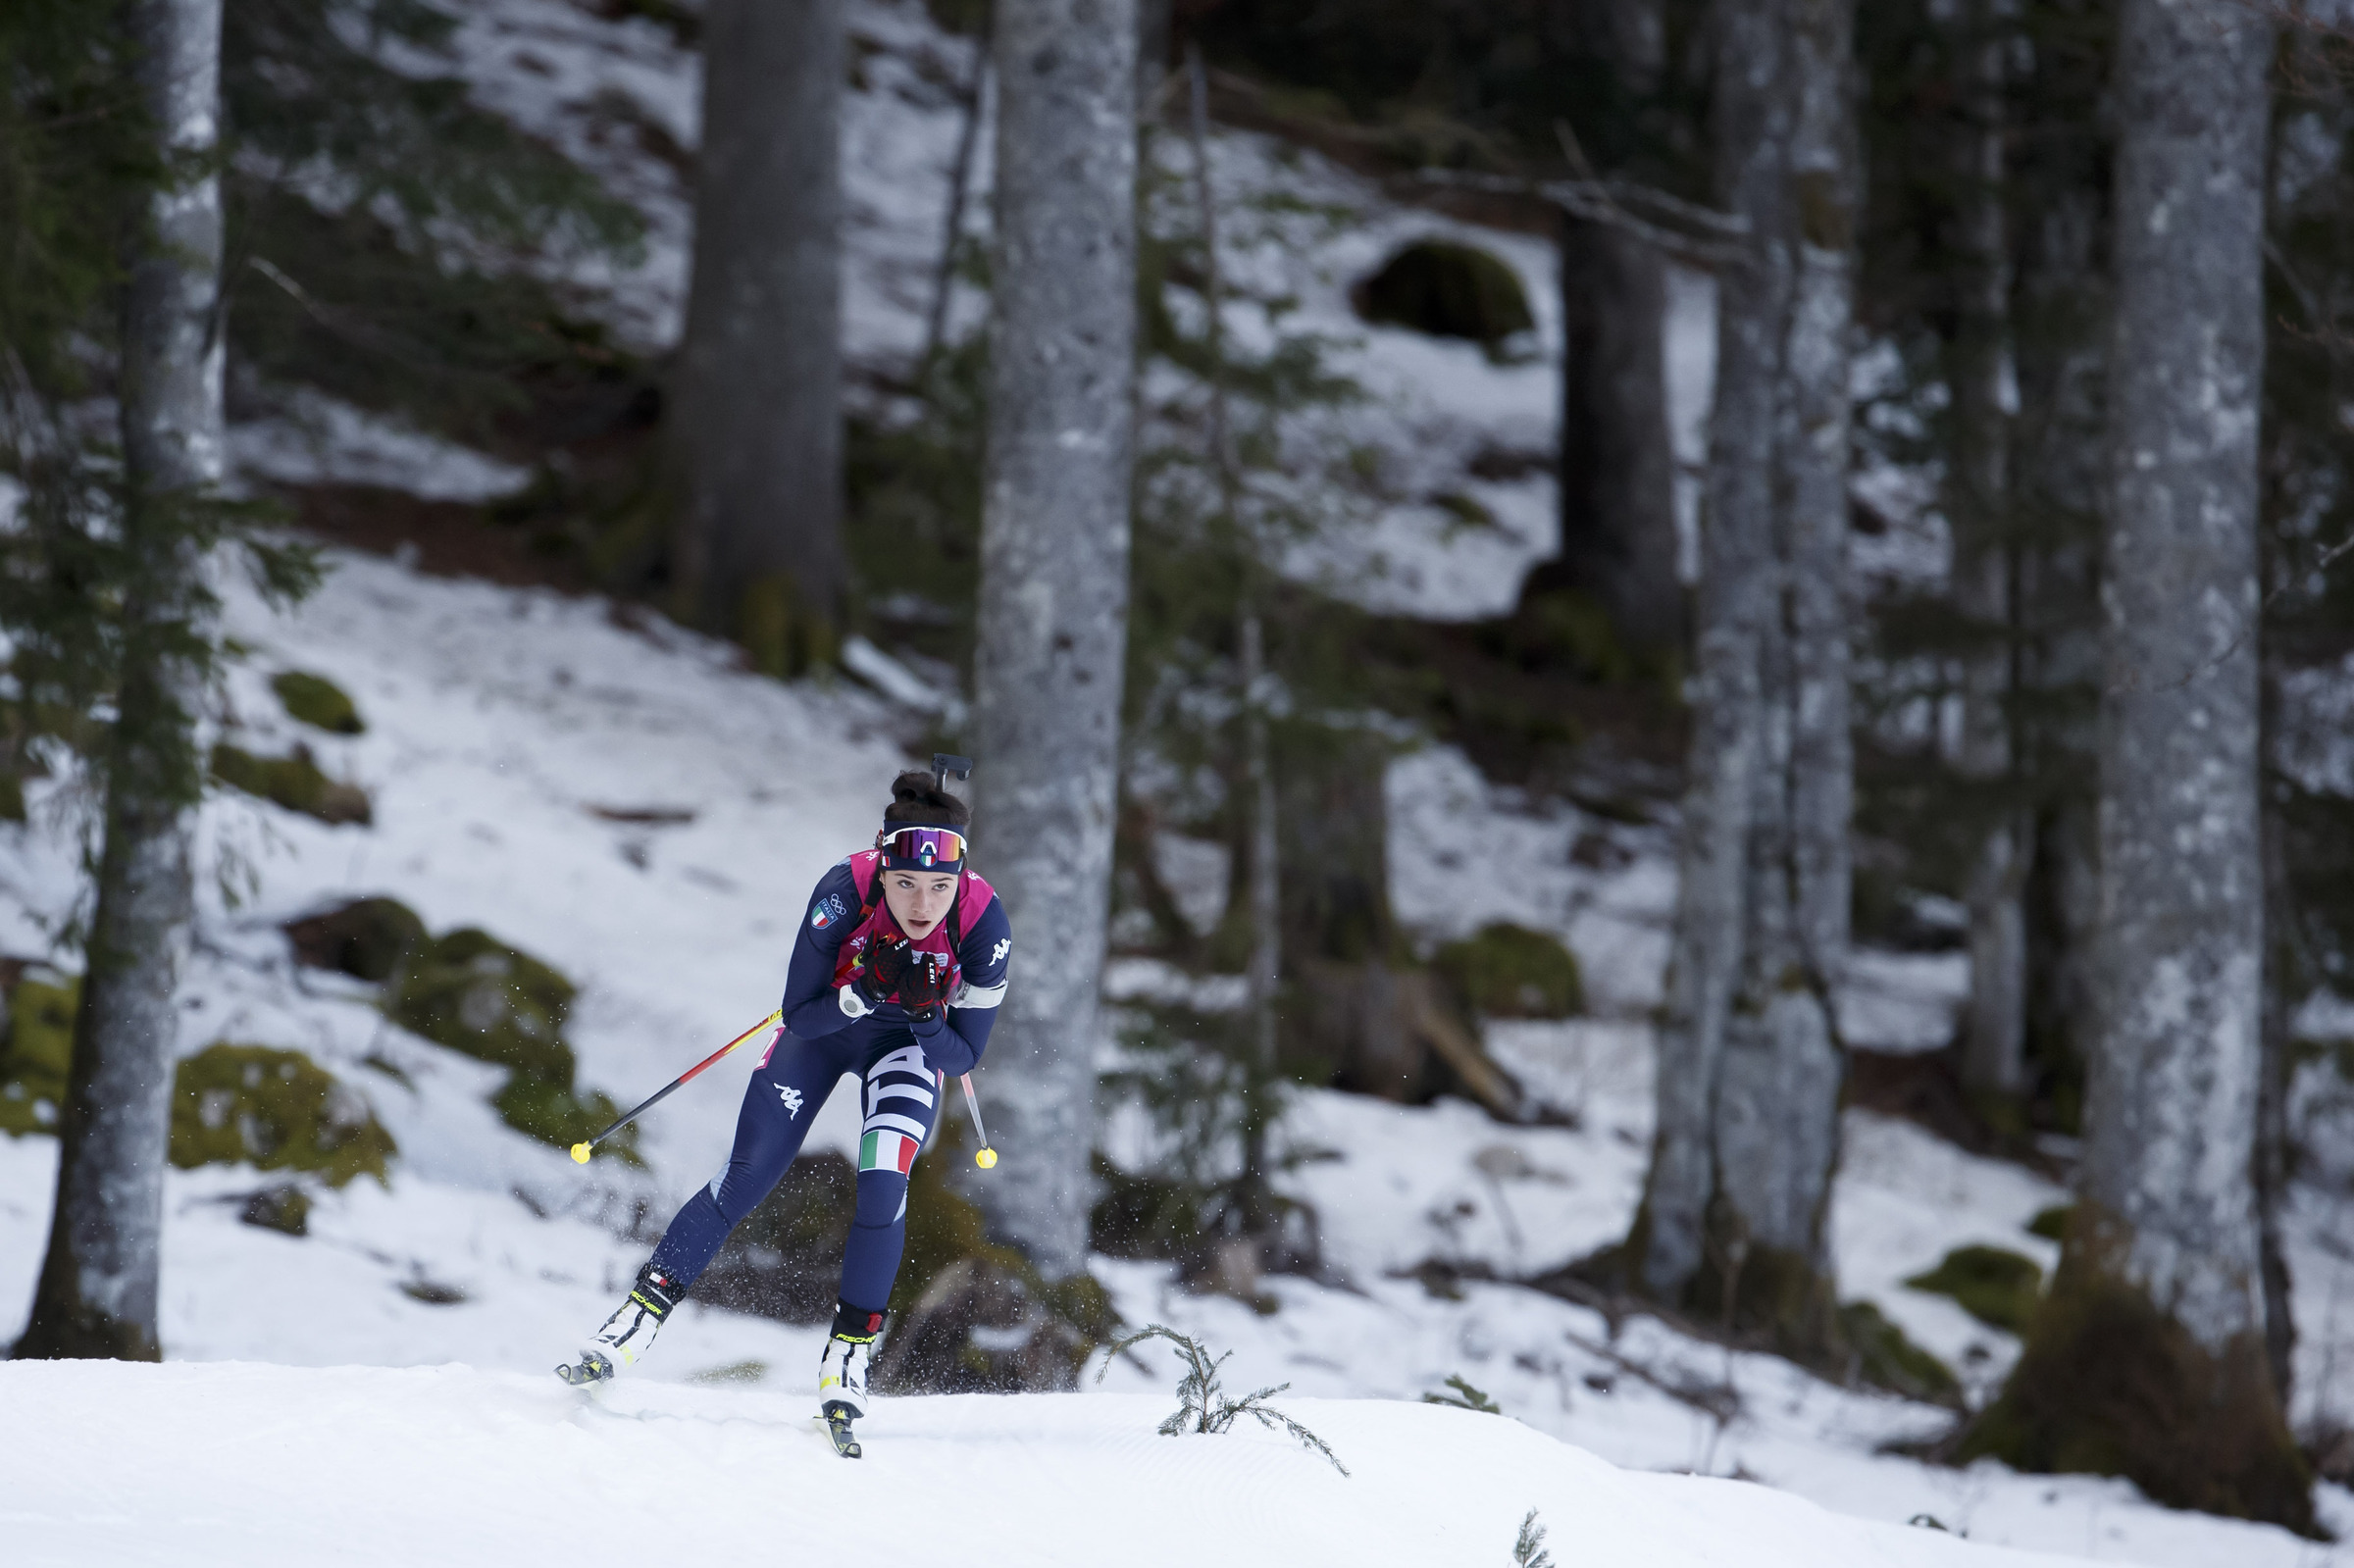 Linda Zingerle è la migliore giovane sportiva d'Europa: l'italiana premiata col Piotr Nurowski